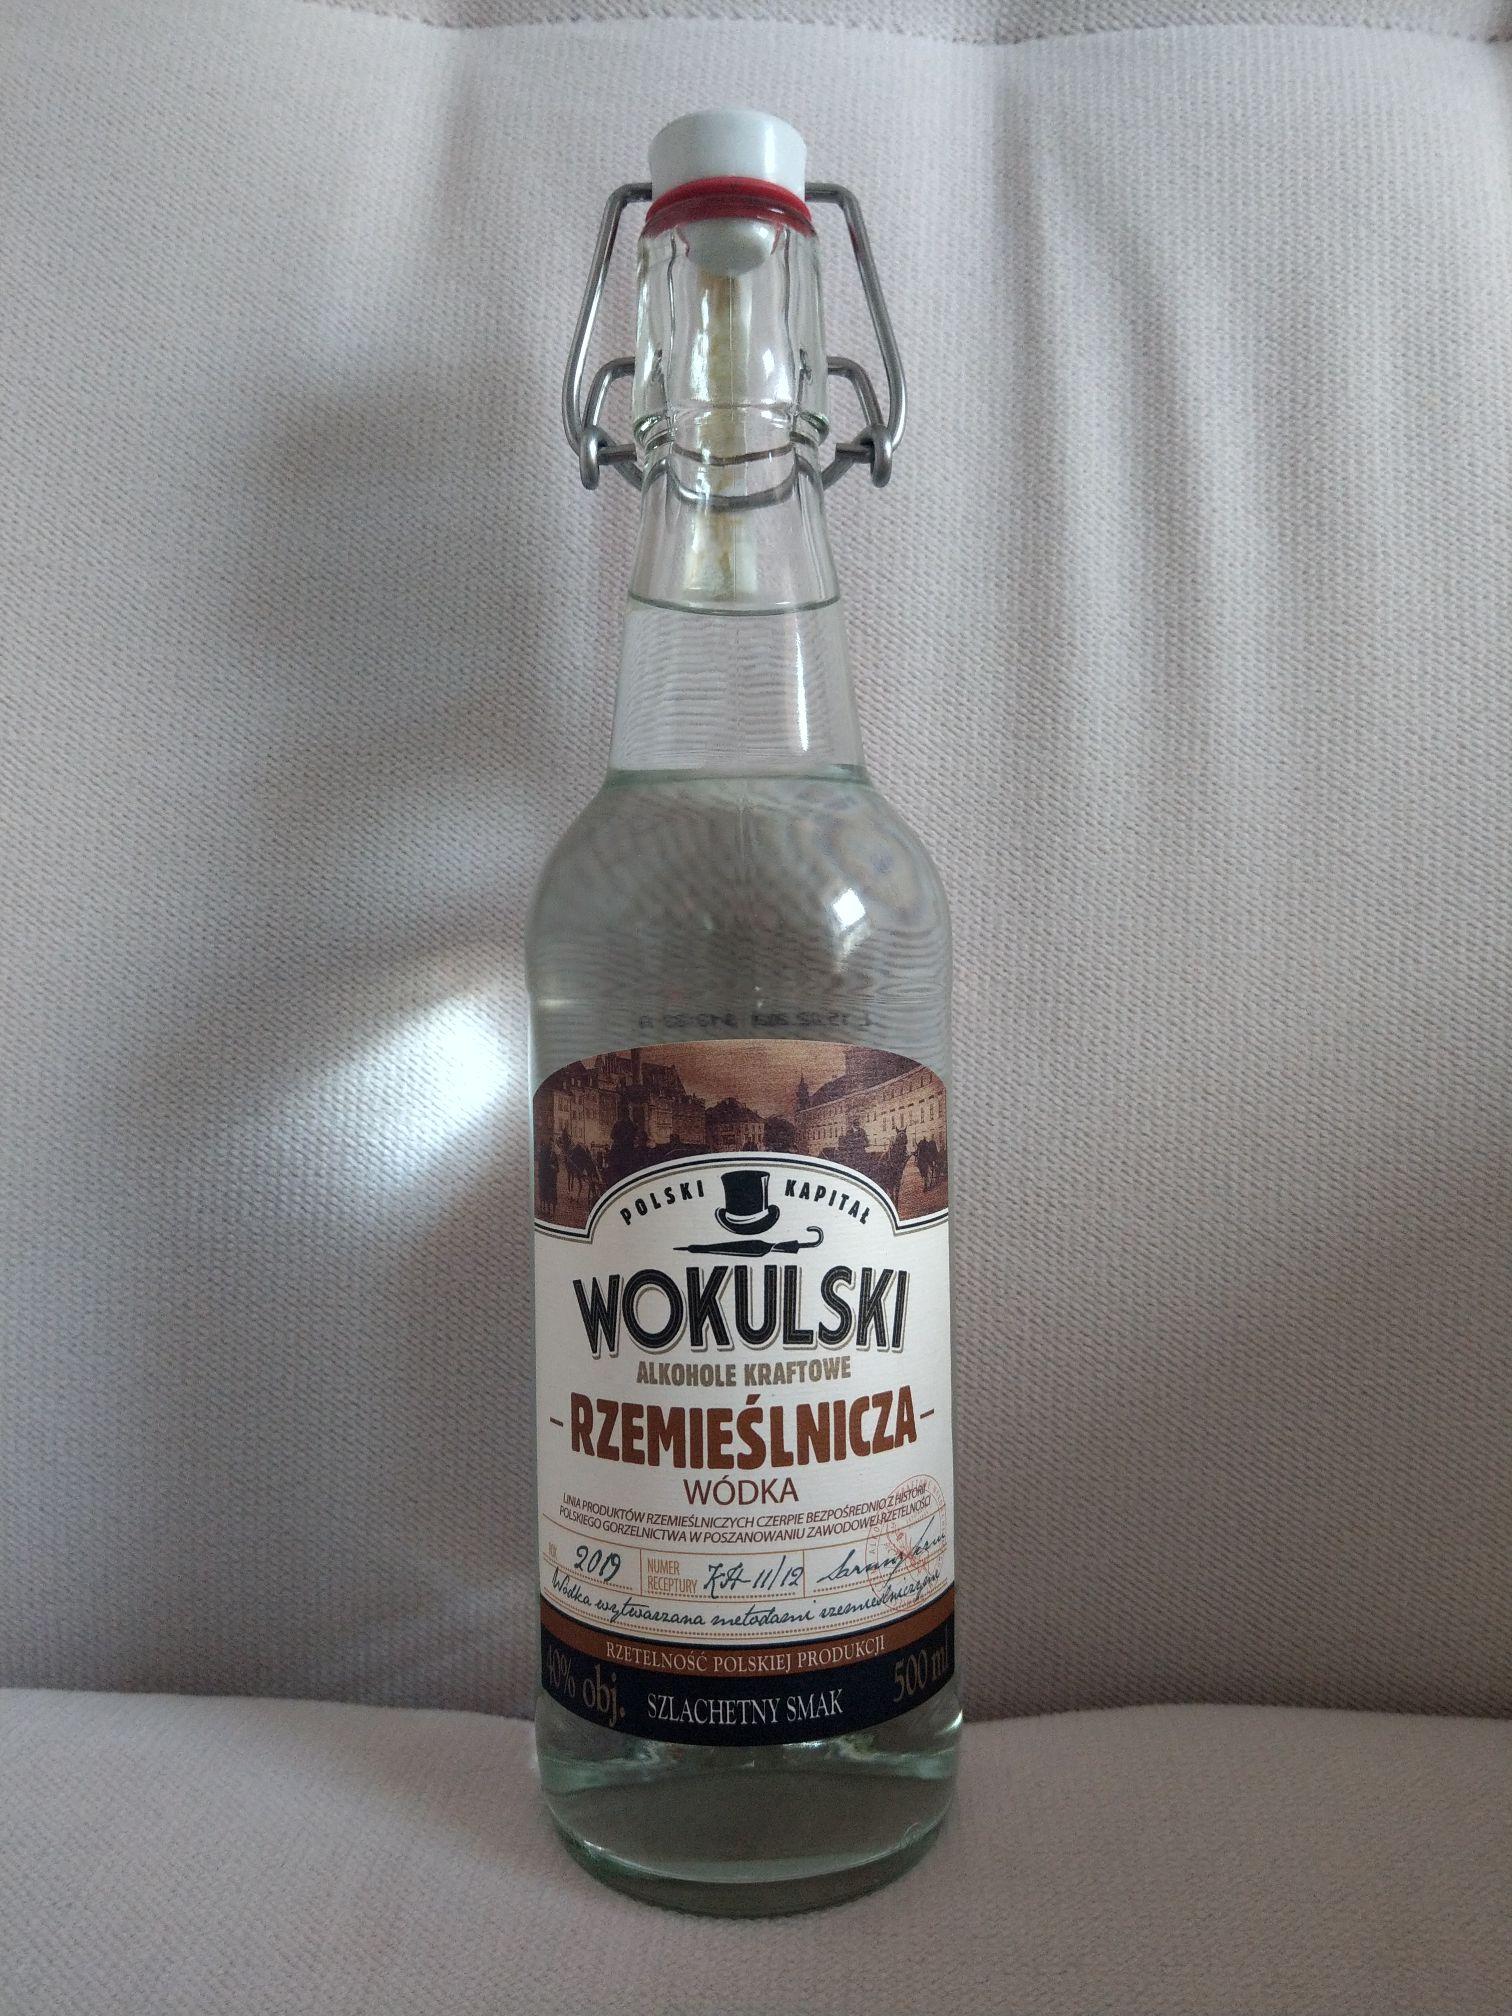 Wódka Wokulski Rzemieślnicza 0,5 l @Aldi Jaworzno